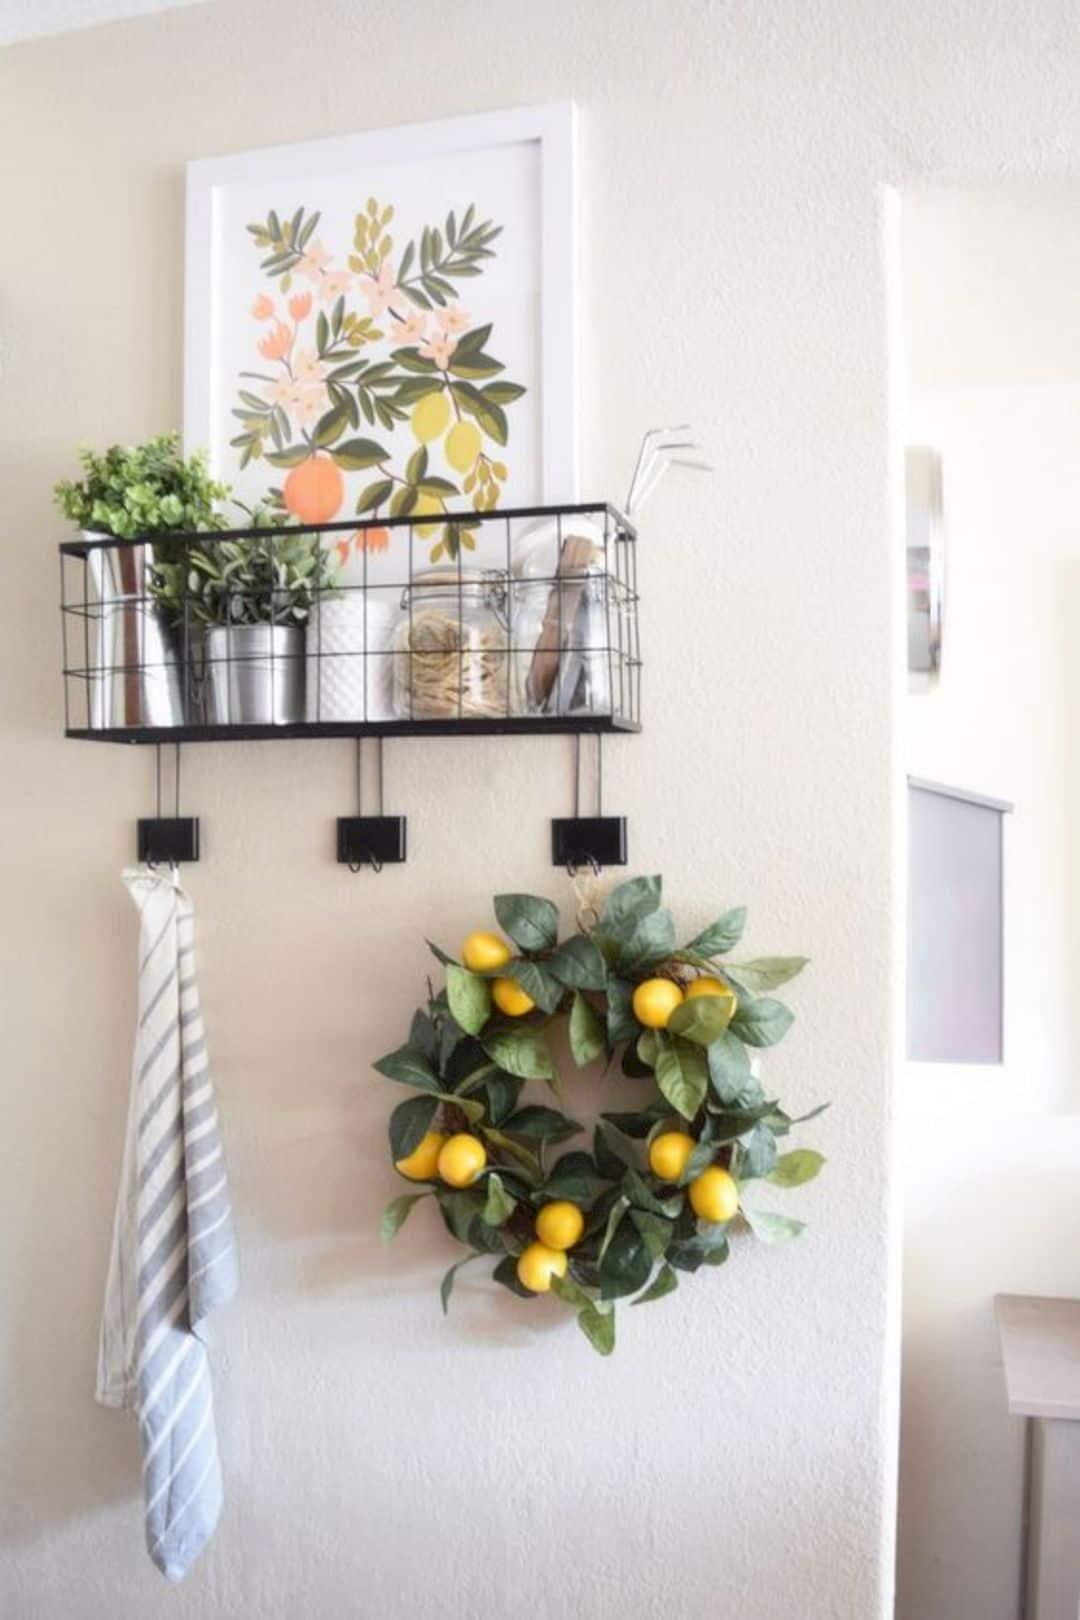 किचन वॉल को सजाने के लिए पौधों से बेहतर कुछ और हो ही नहीं सकता। इससे ना सिर्फ दीवारें सुदंर लगेगा बल्कि वातावरण भी खुशनुमा हो जाएगा।